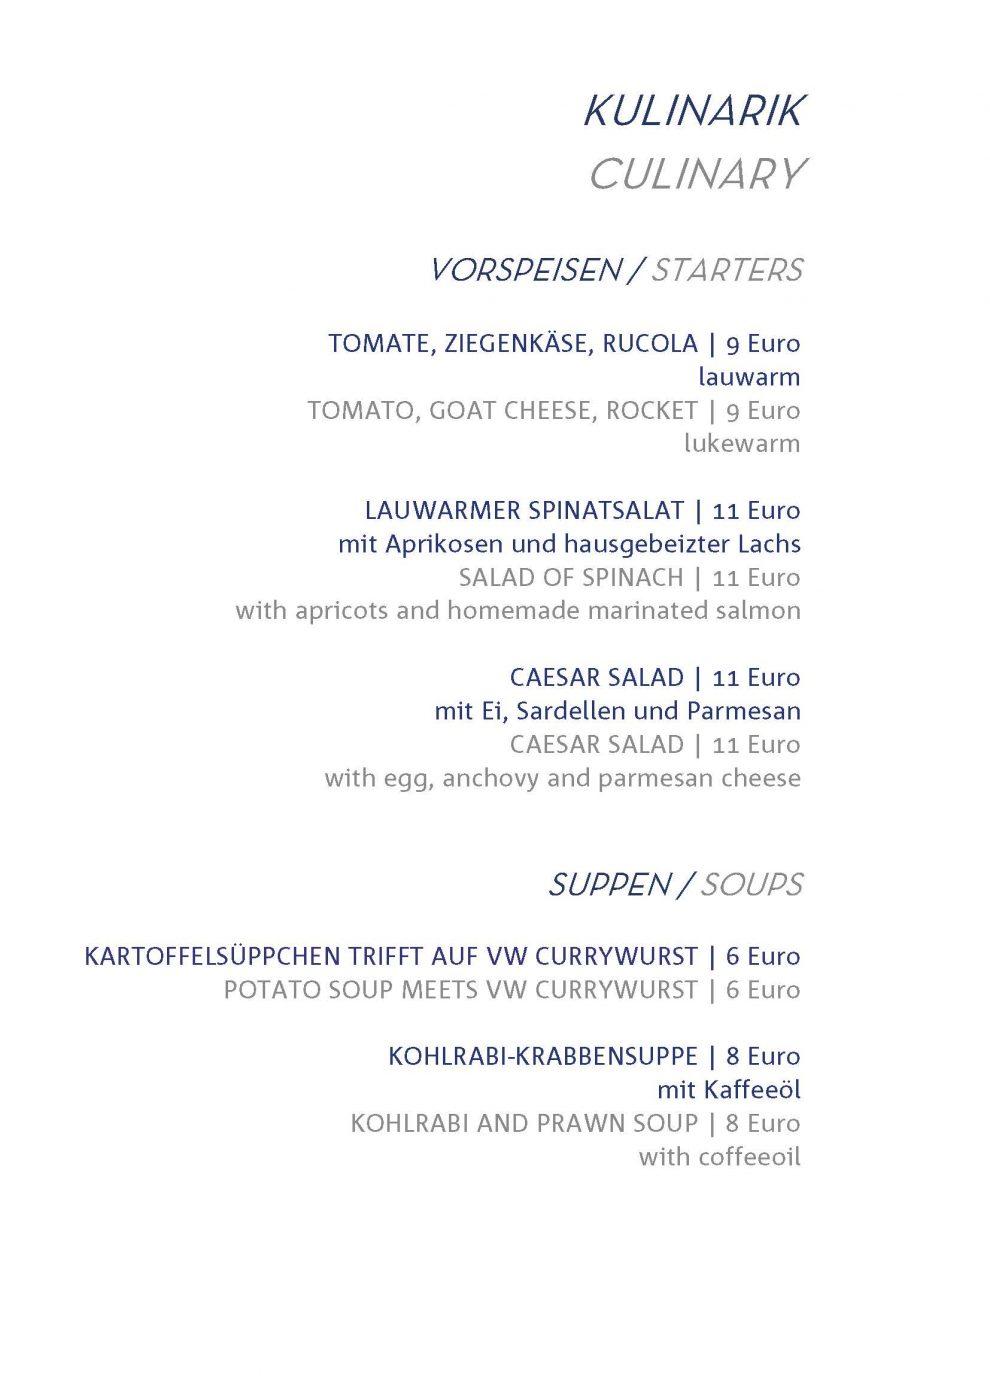 https://www.vitrum-dresden.de/wp-content/uploads/2018/08/1_Kulinarik_final_web_Seite_1-990x1400.jpg